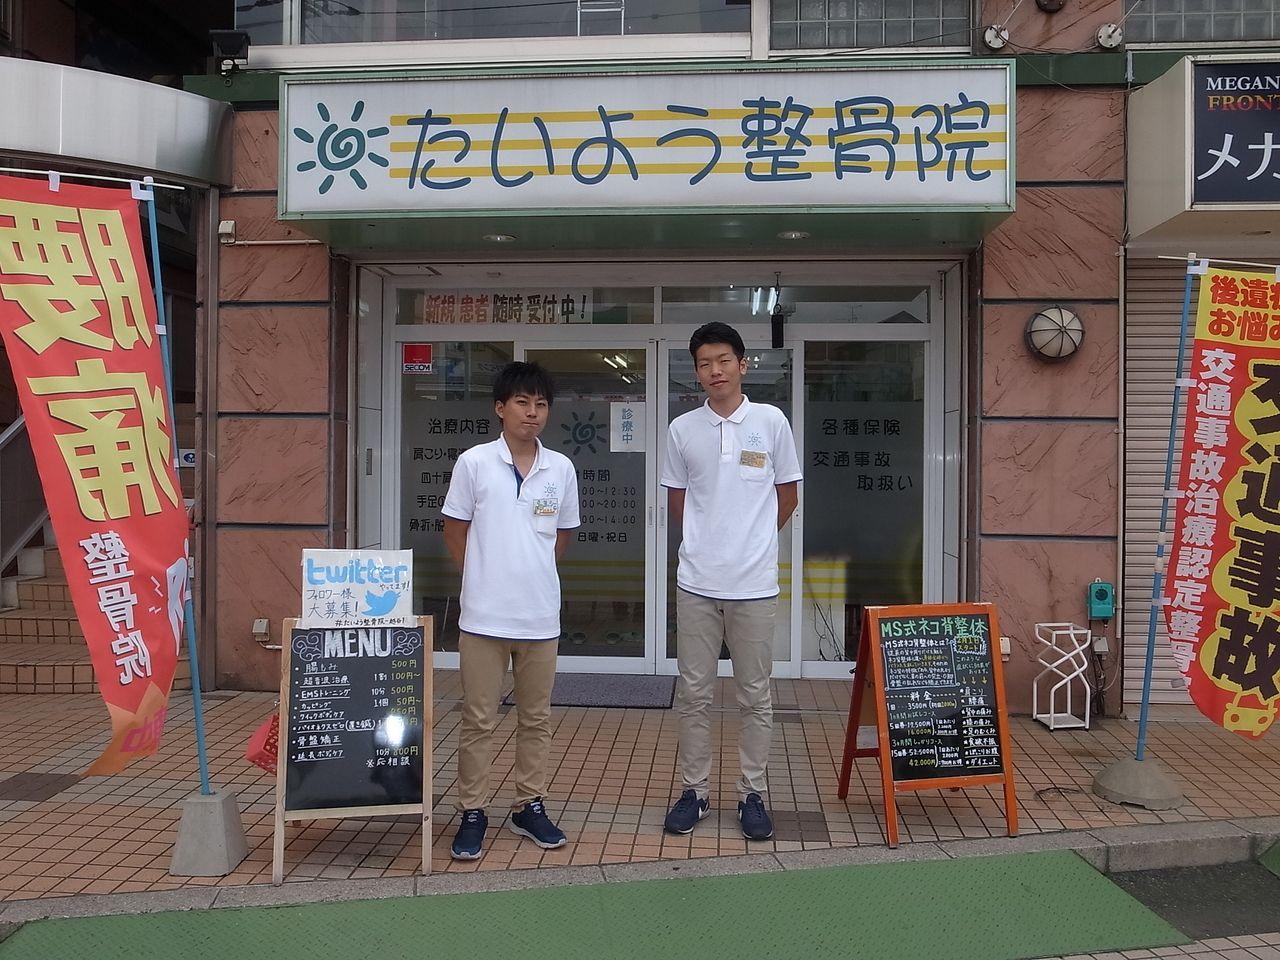 たいよう整骨院越谷院の院長大熊先生(右)と吉村先生(左)